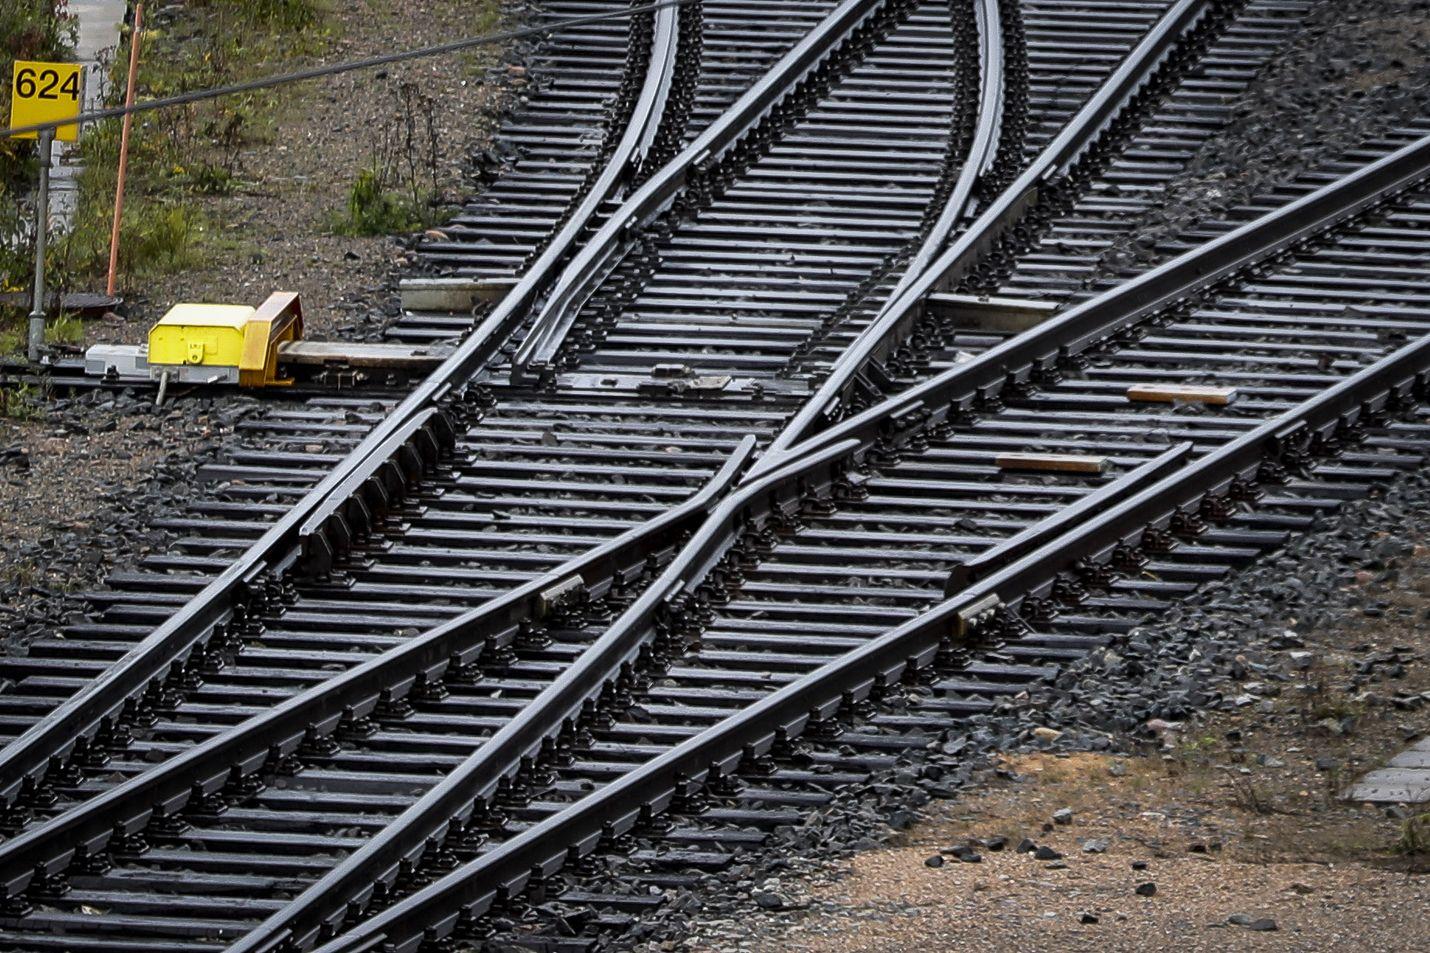 Helsingin Sanomien mukaan ratahankkeet maksaisivat nykyisten laskelmien mukaan 11,4 miljardia euroa eli jopa enemmän kuin hävittäjien uusiminen.